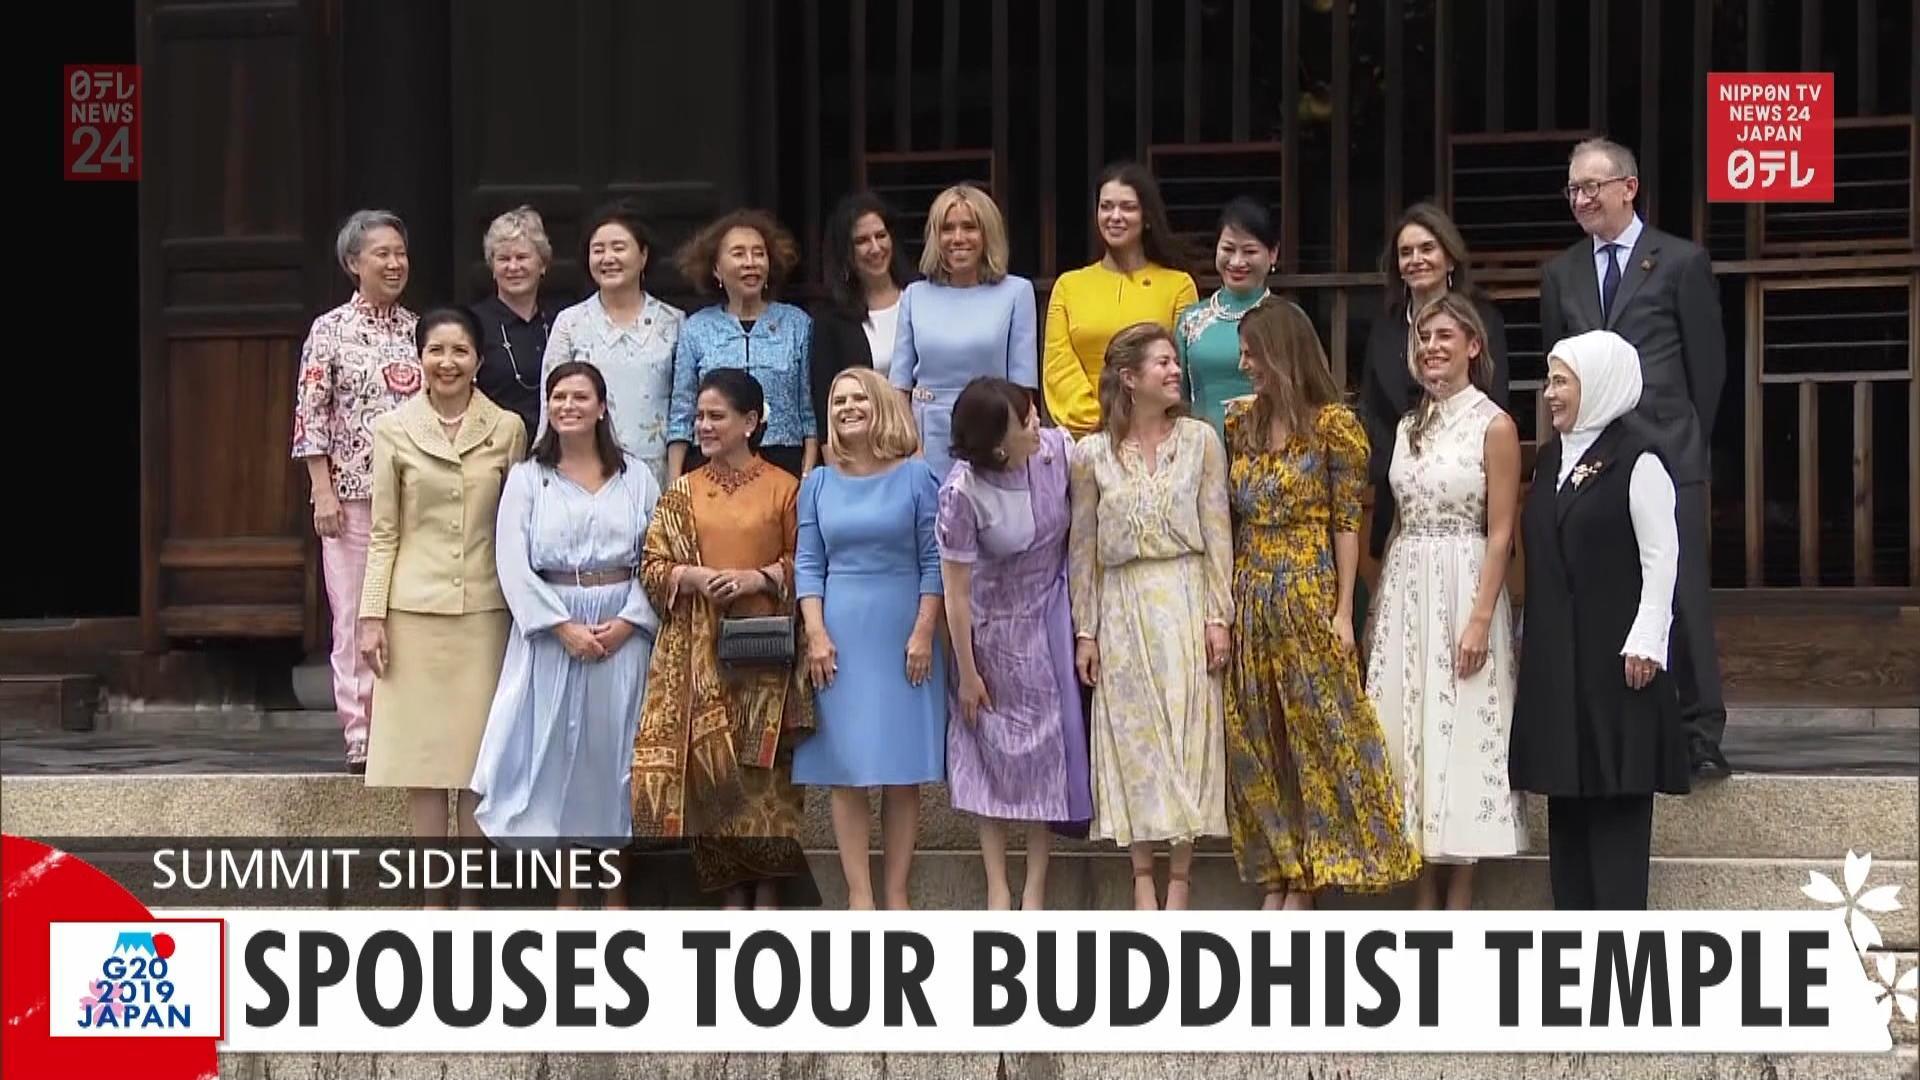 G20: Spouses tour Buddhist temple